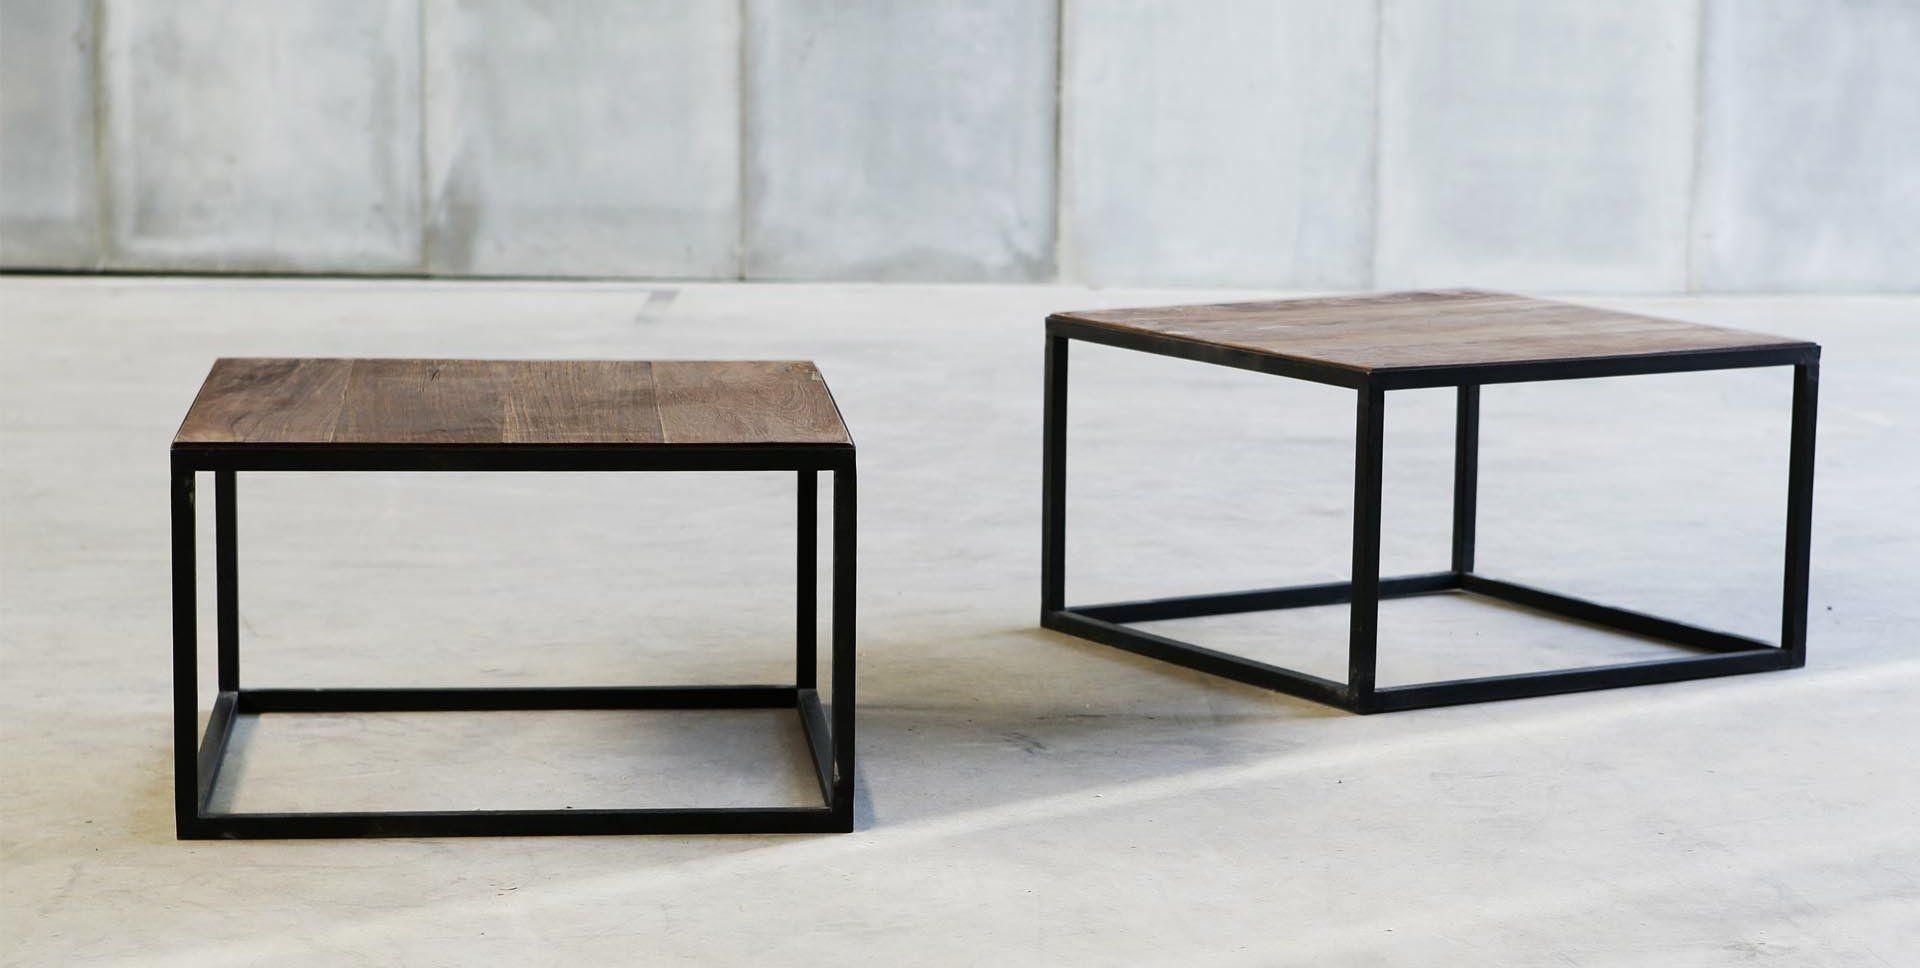 Couchtisch holz design  Moderne Couchtisch / Holz / Metall / rechteckig - STARLIGHT ...